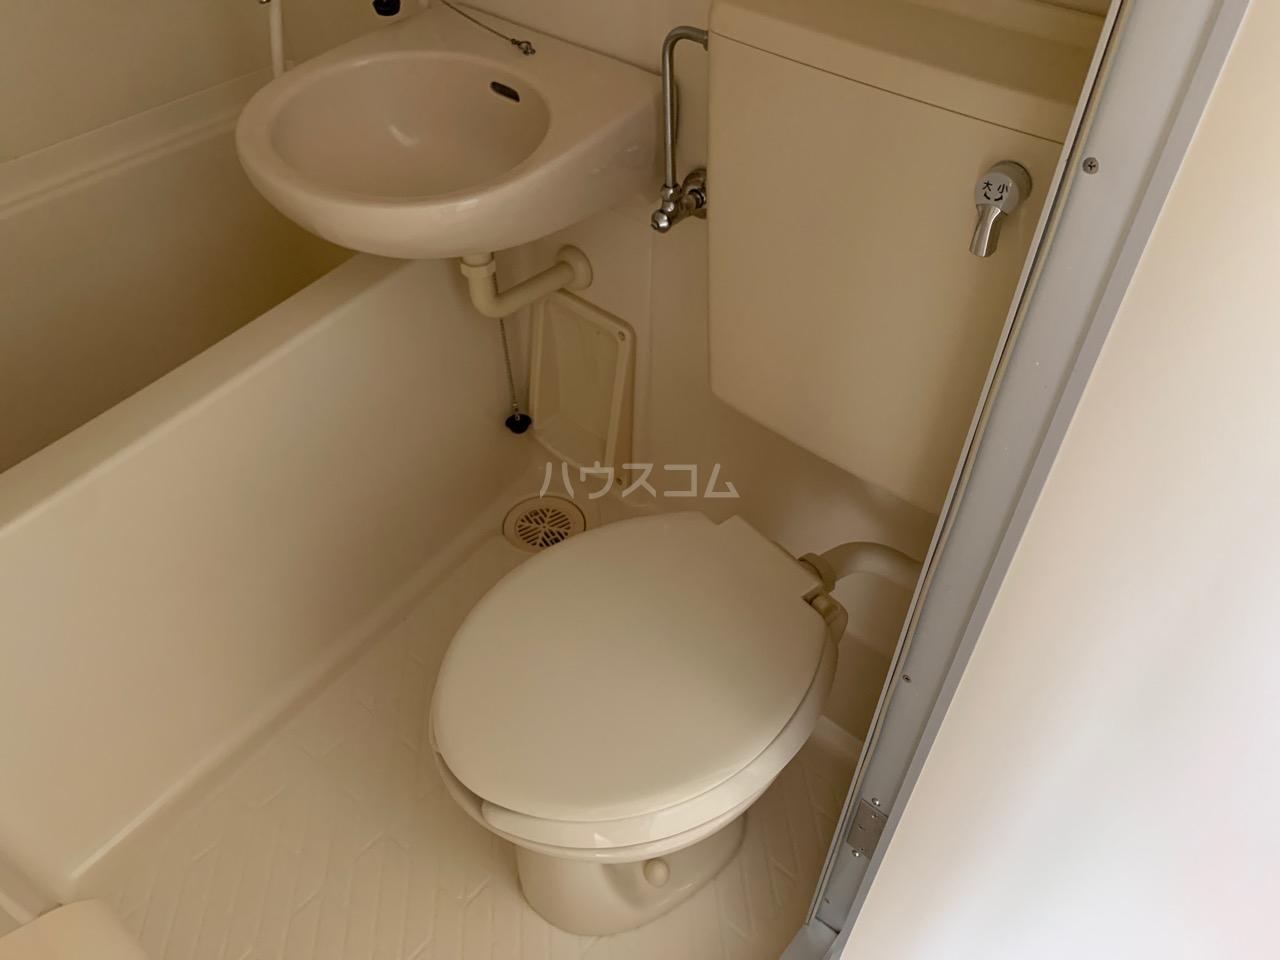 DSハウス 202号室のトイレ